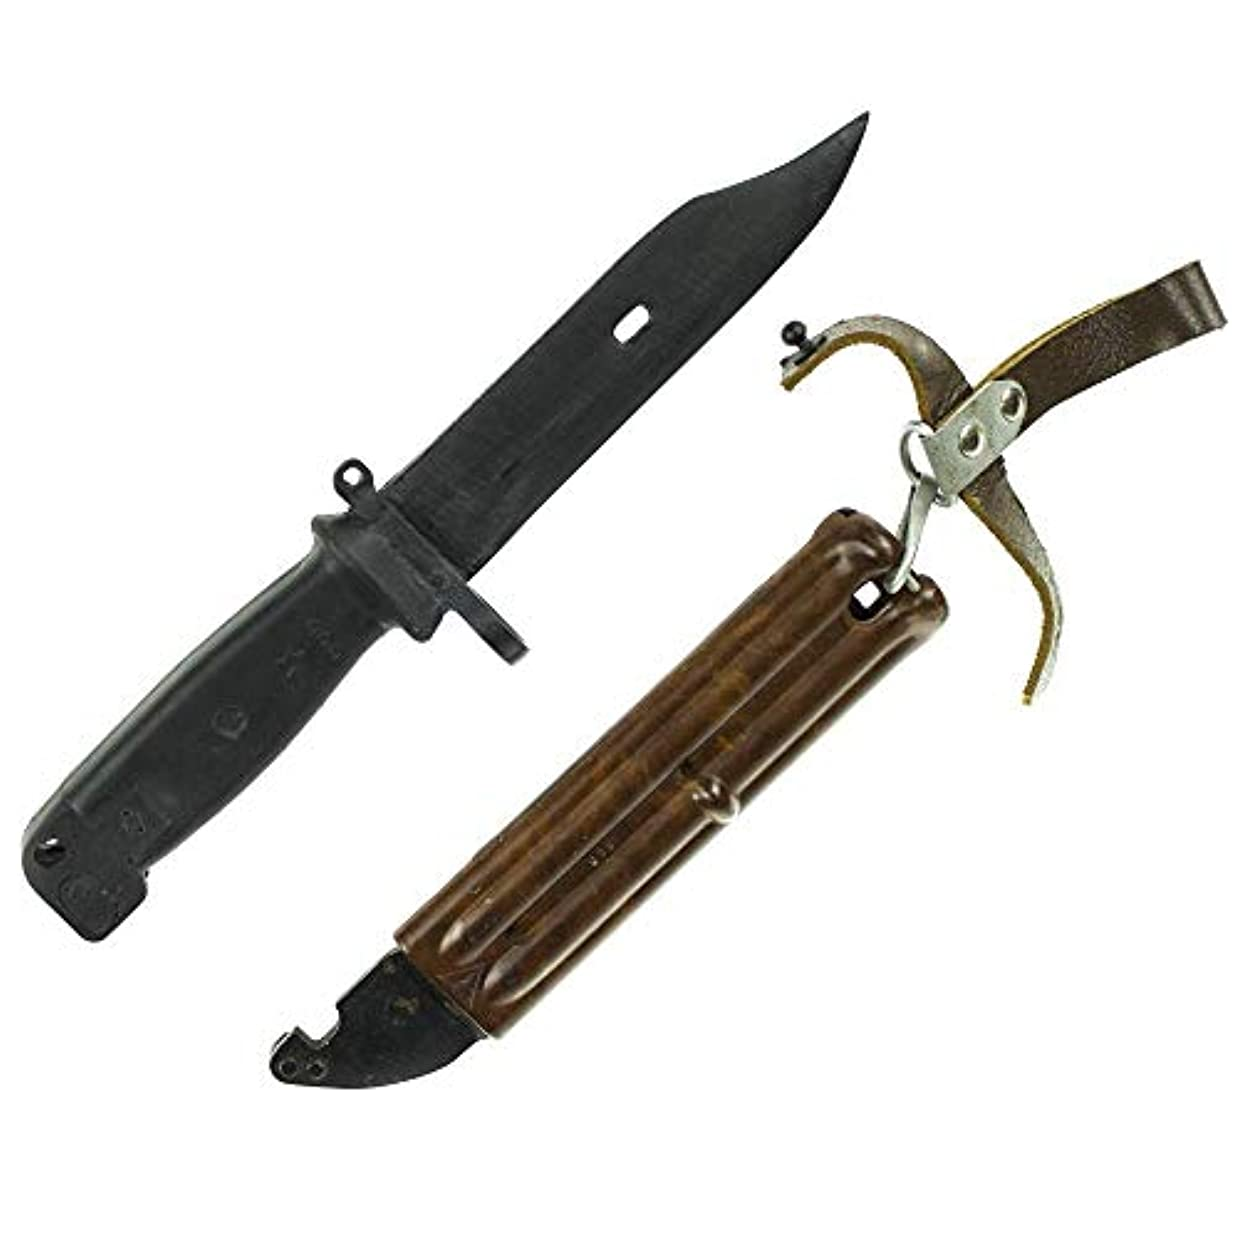 文法敏感なビュッフェロシア軍 トレーニングナイフ ShN 6×4 レプリカ ケース付き プラスチック製